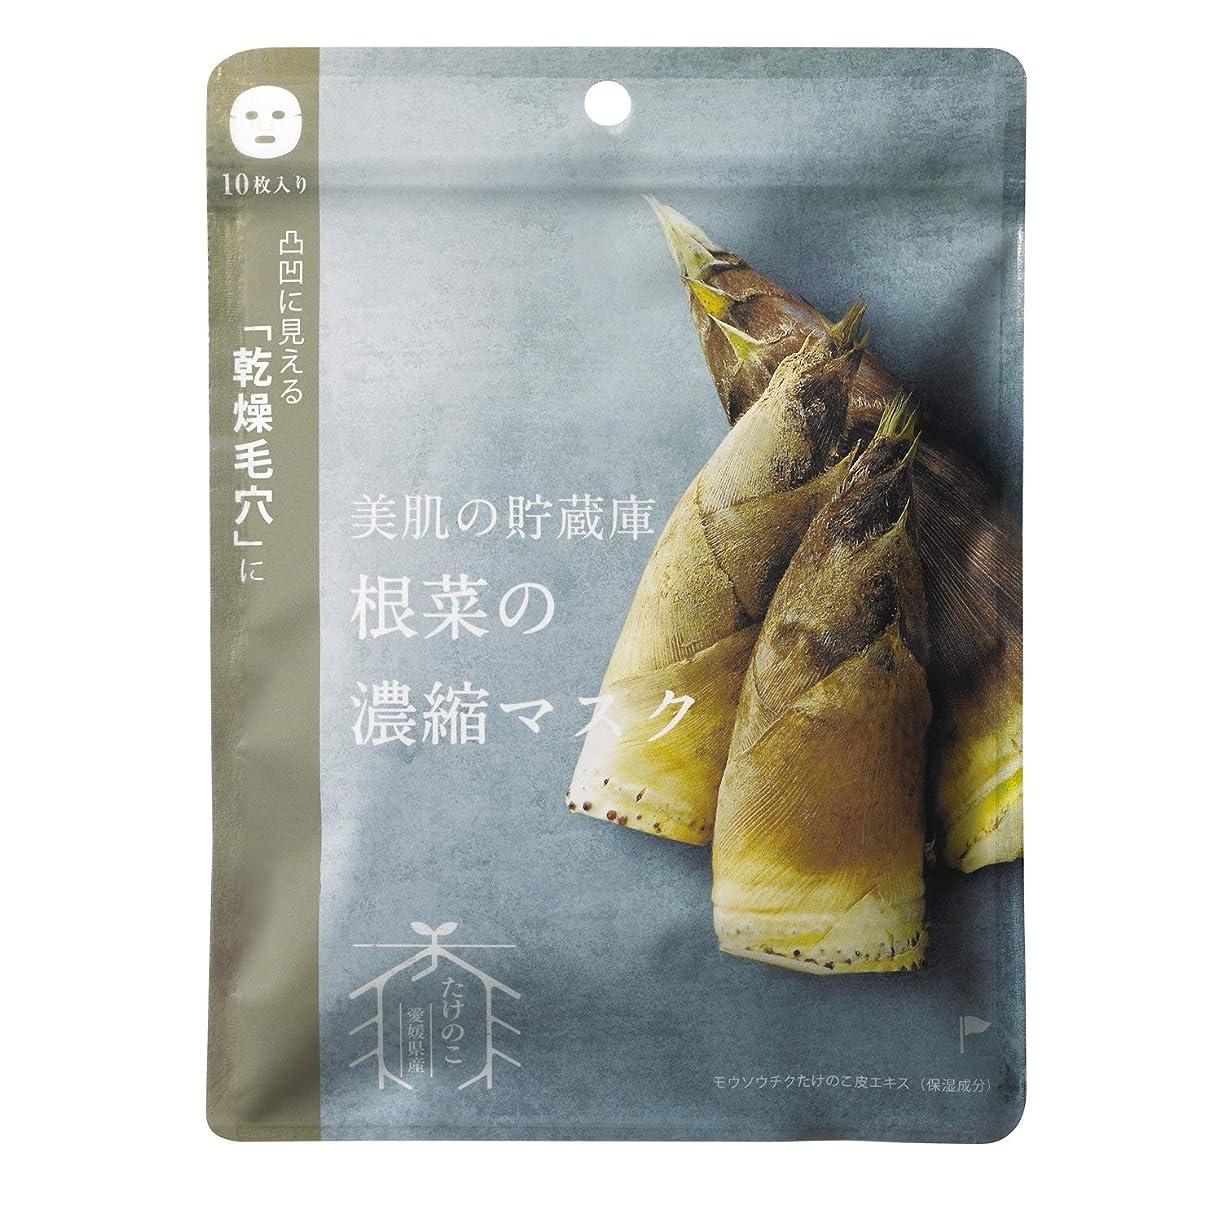 ためらう相互繕う@cosme nippon 美肌の貯蔵庫 根菜の濃縮マスク 孟宗竹たけのこ 10枚 160ml